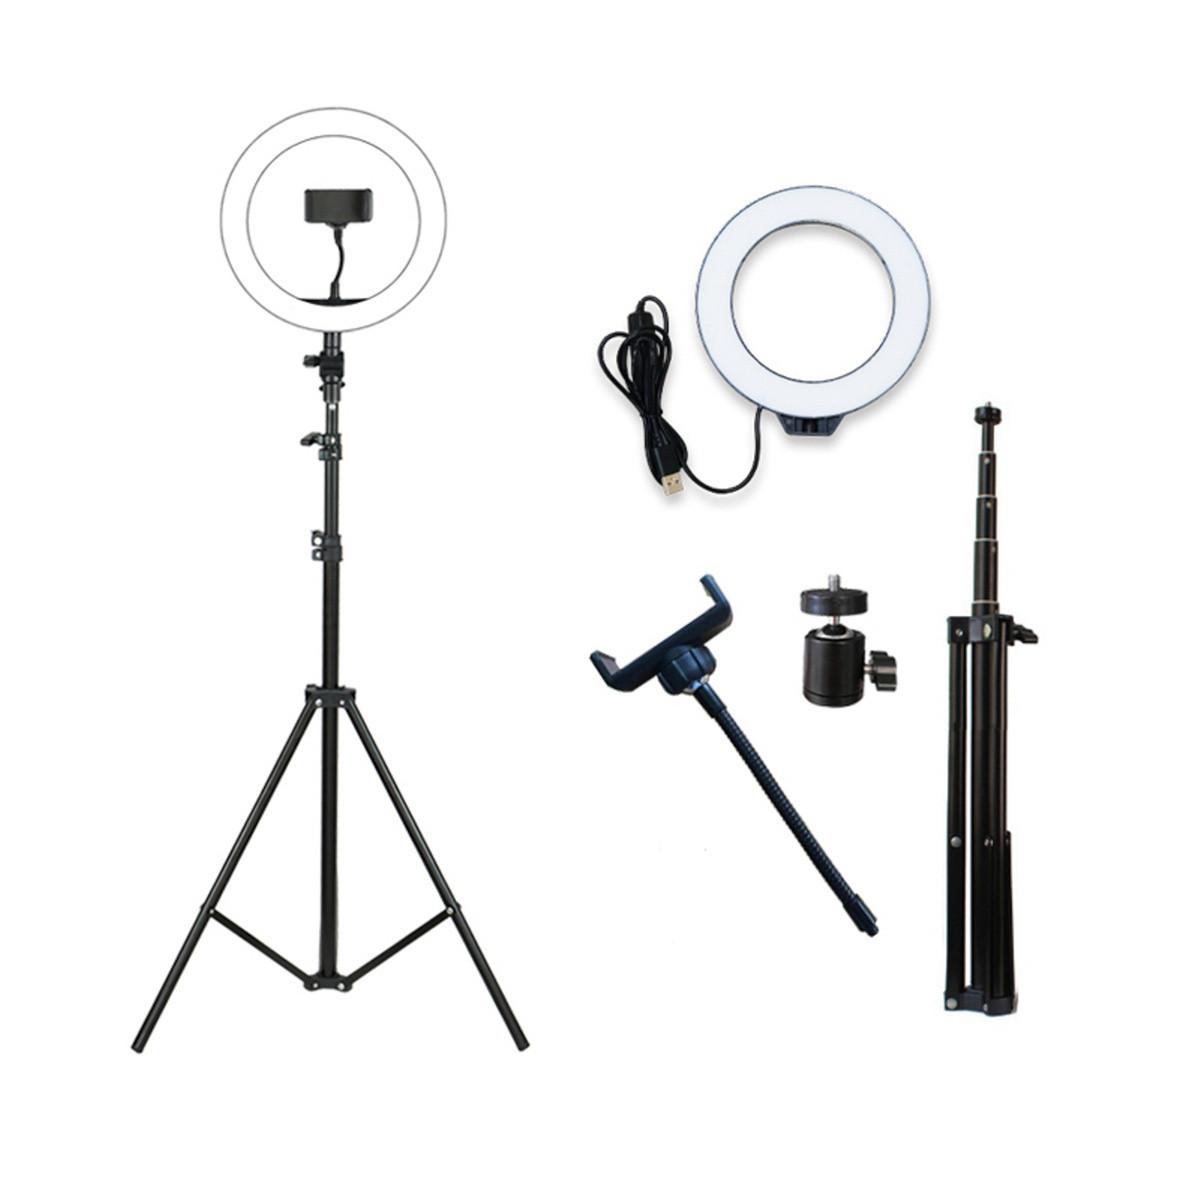 Кольцевая лампа LED со штативом 200см для профессиональной съемки, фото 1